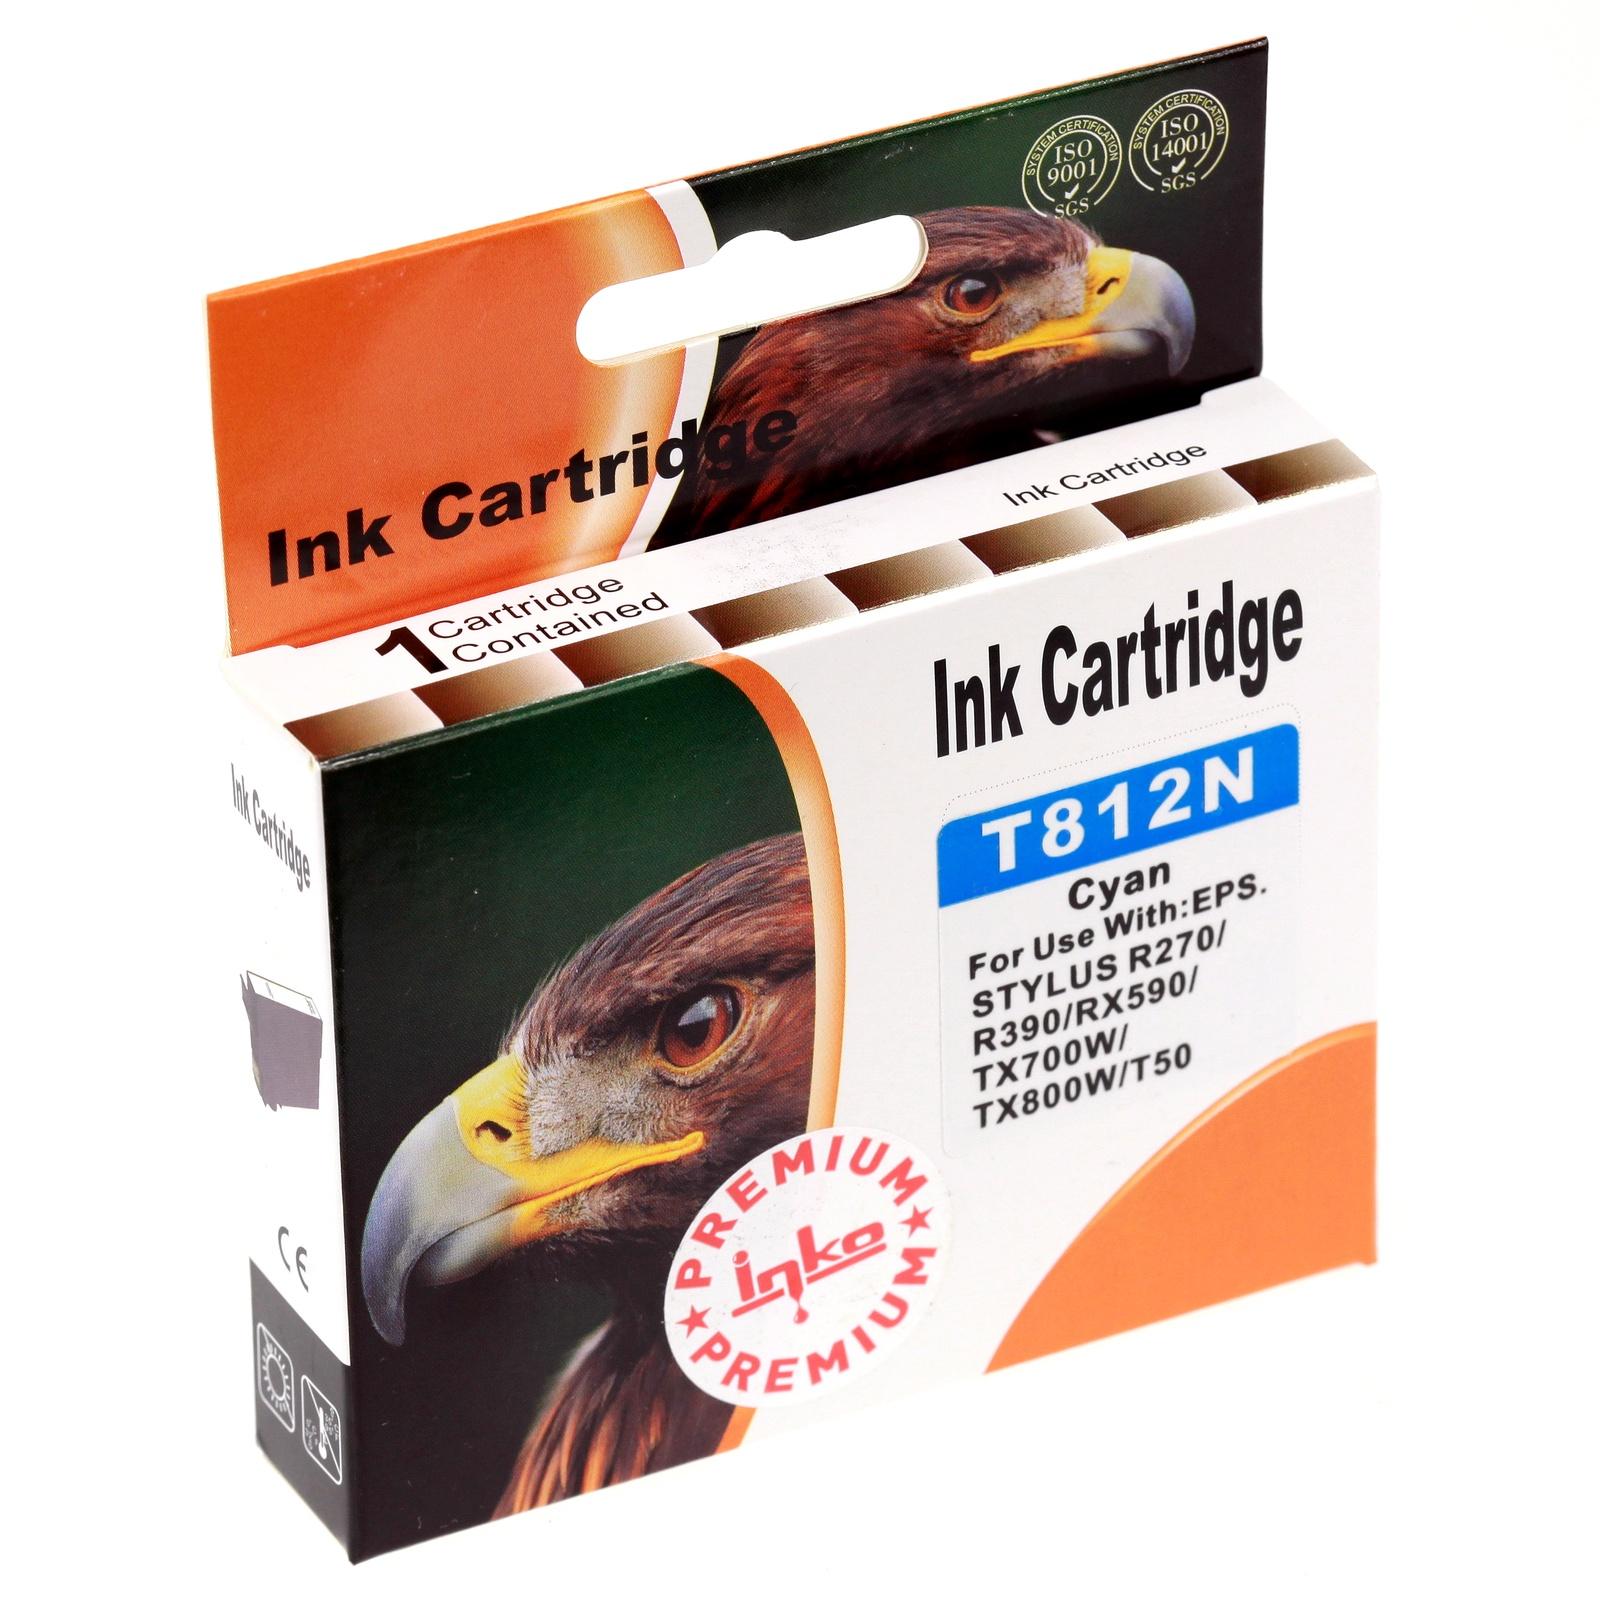 Картридж Inko T812N для Epson Stylus Photo R270, R290, T50, TX650 голубой повышенной емкости цена 2017